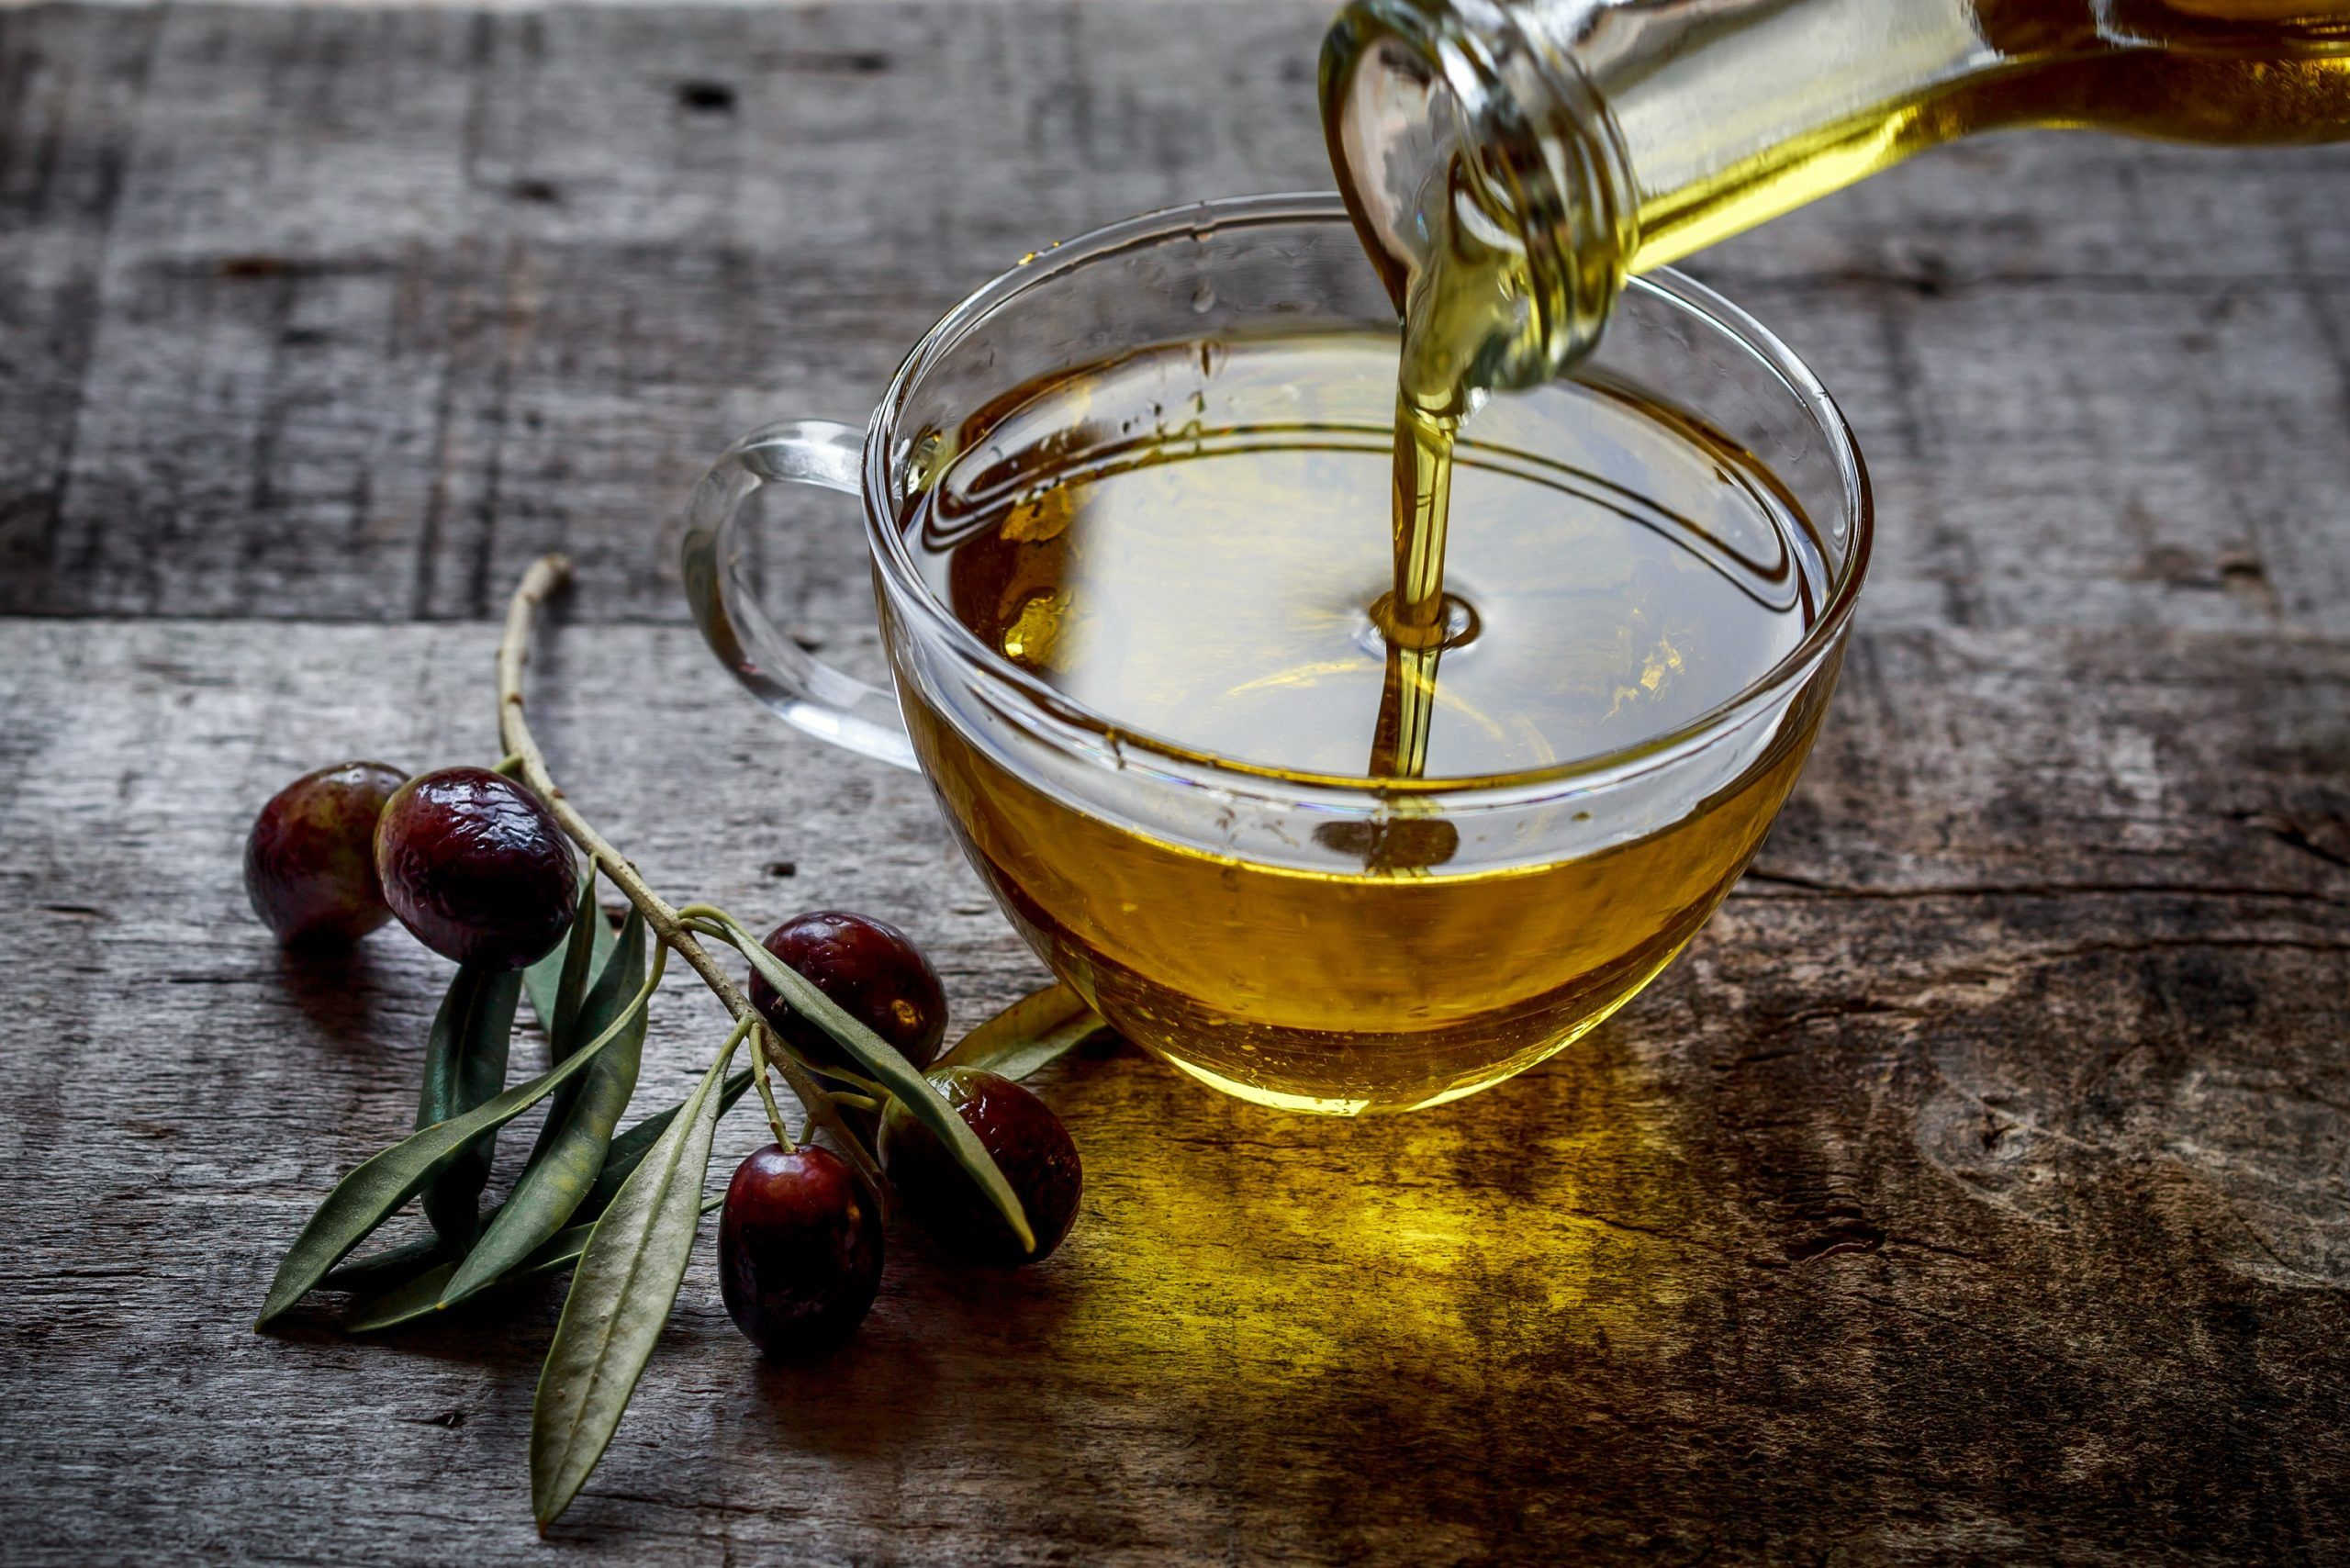 Heilmittel mit Olivenöl zur Gewichtsreduktion